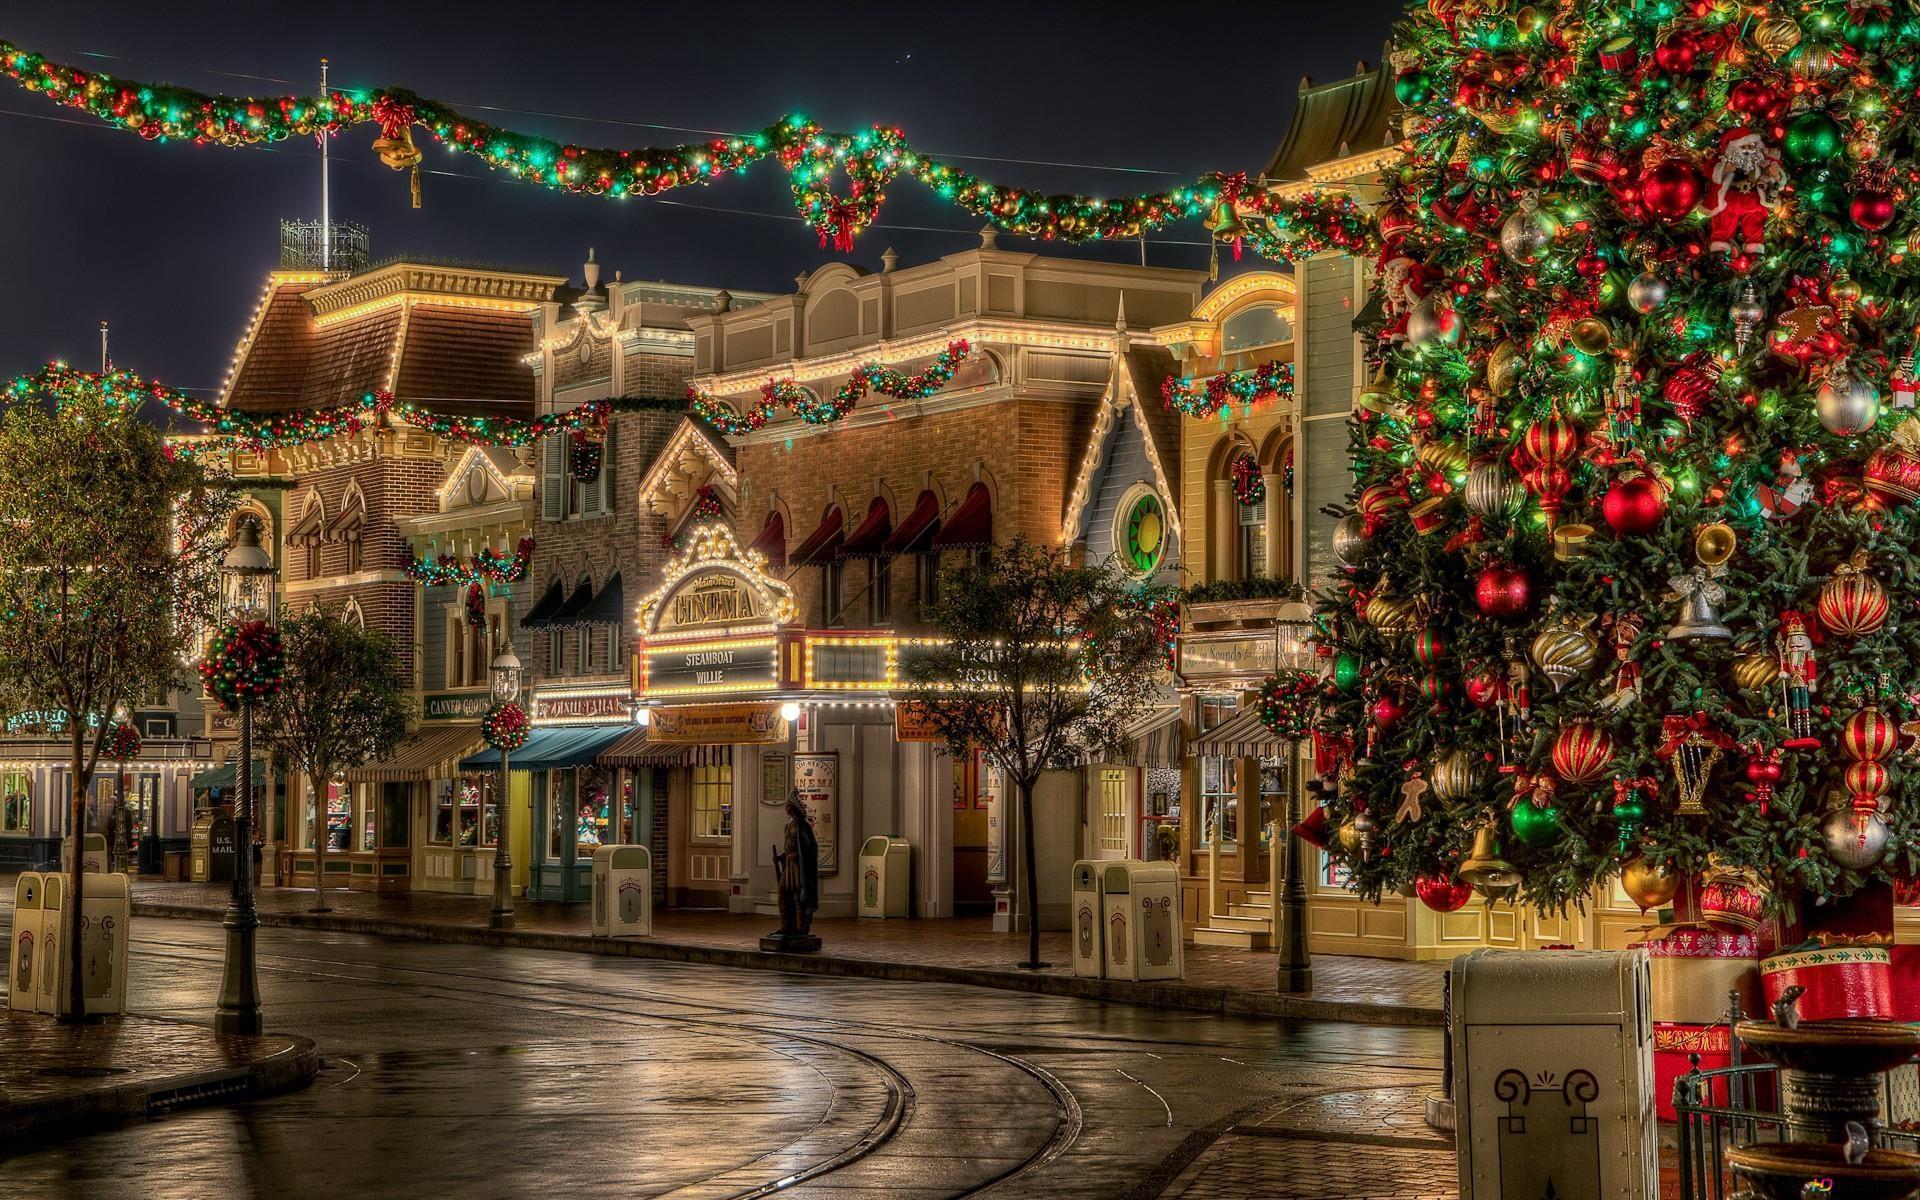 ディズニーランドのクリスマス Hd壁紙のダウンロード